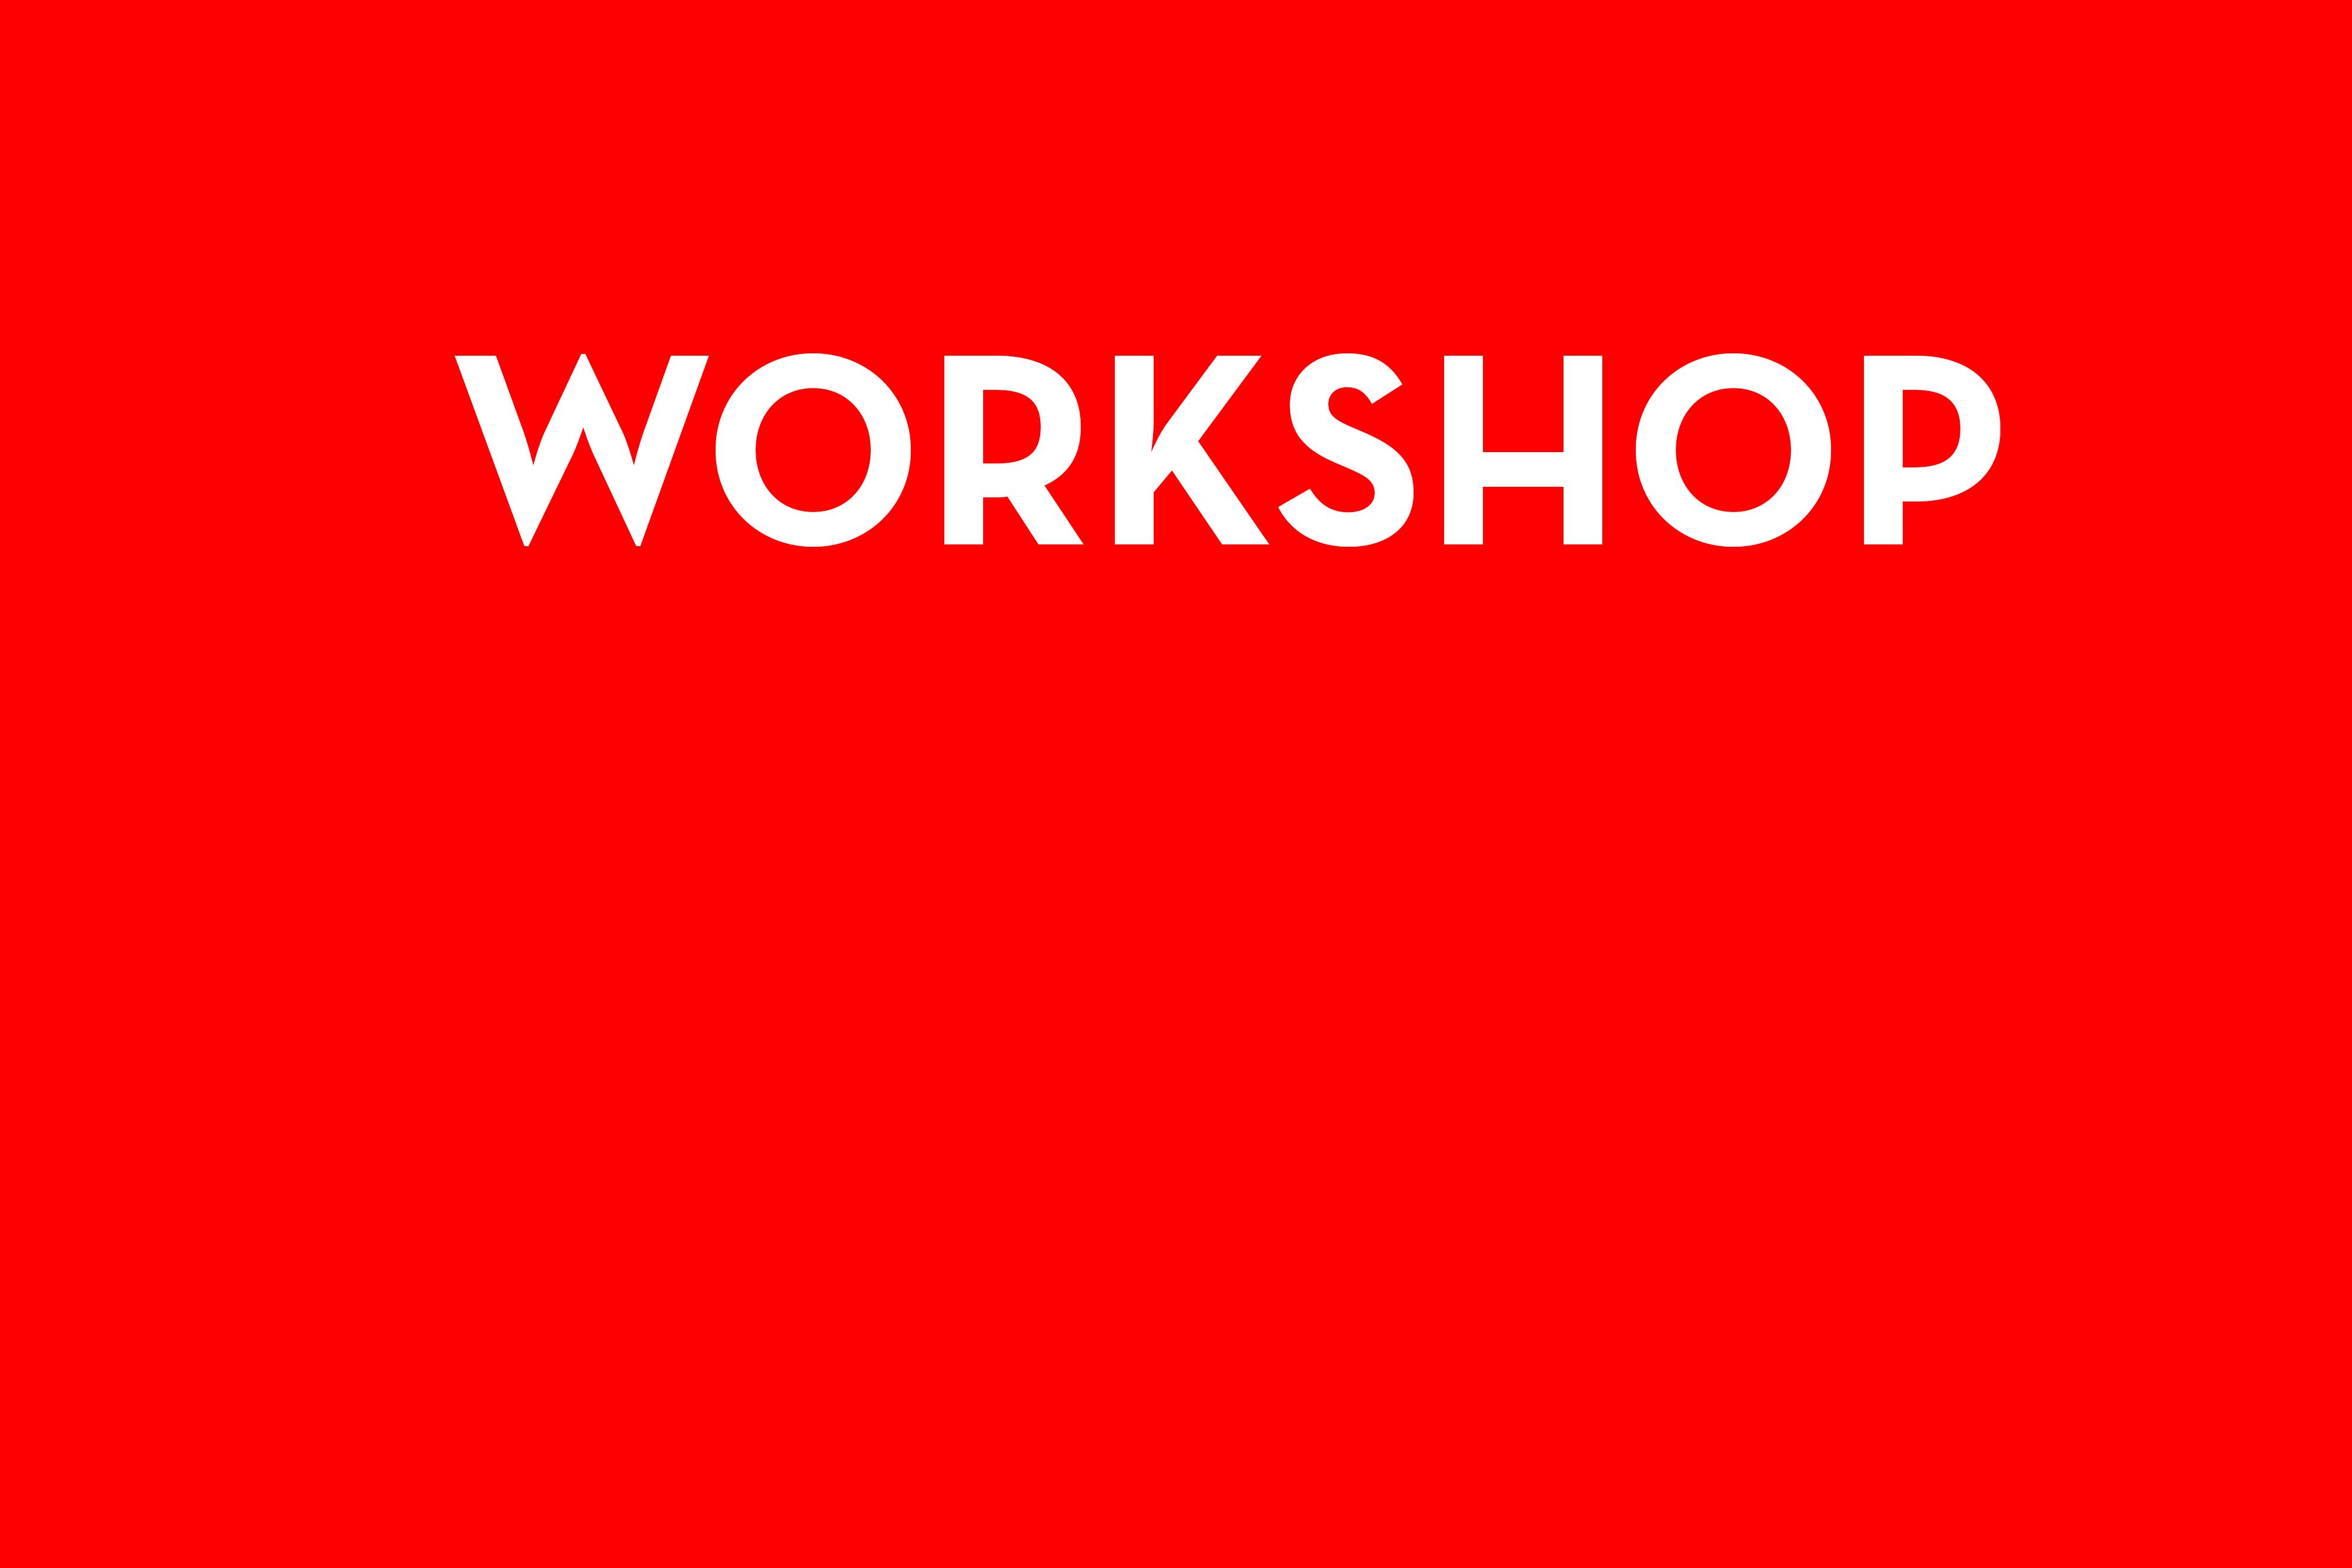 CLMP Workshop